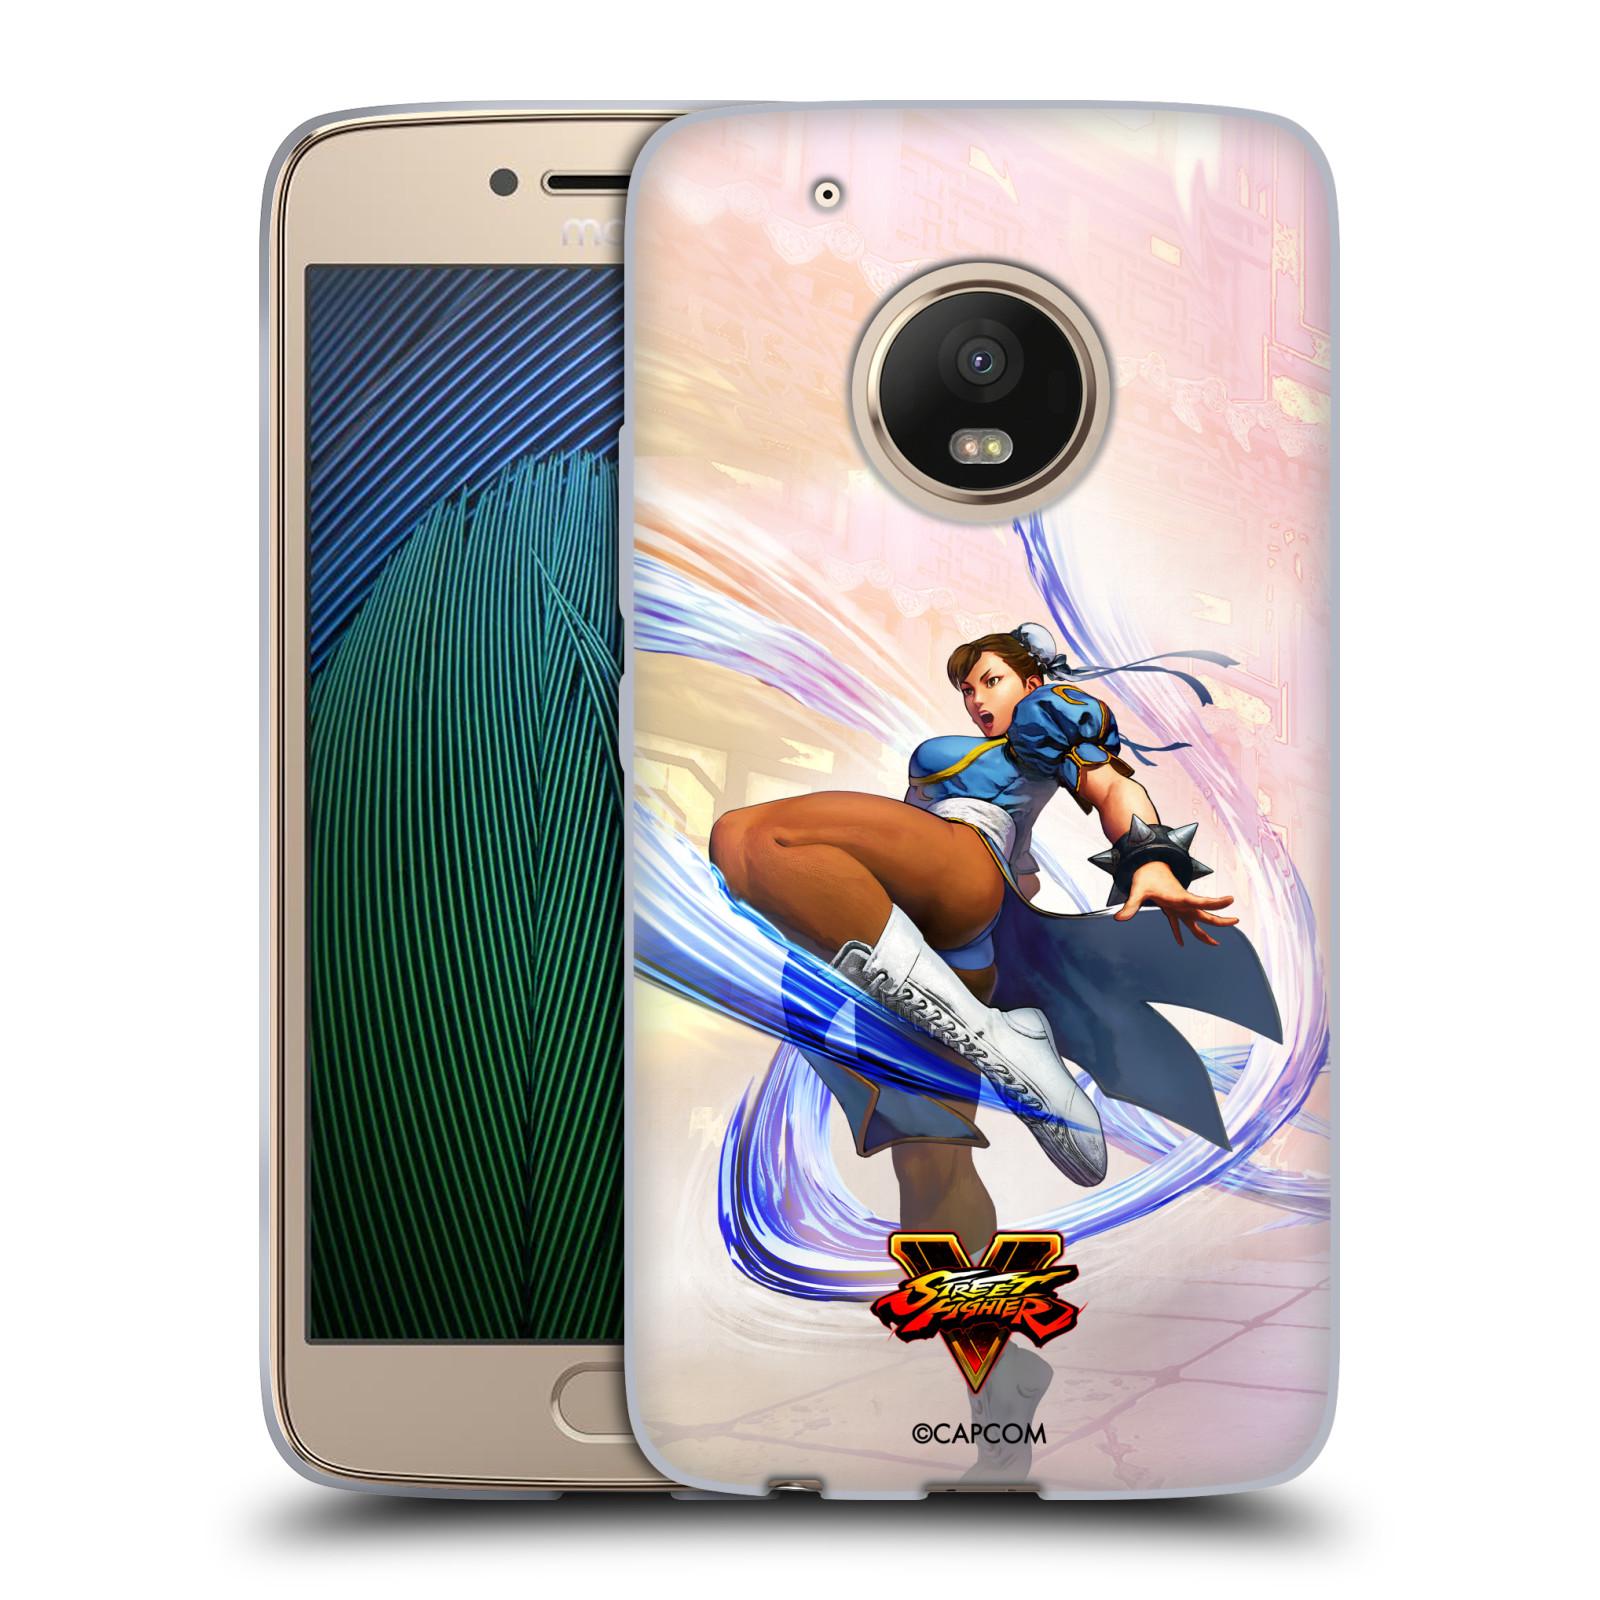 HEAD CASE silikonový obal na mobil Lenovo Moto G5 PLUS oficiální kryt STREET FIGHTER bojovnice Chun-Li